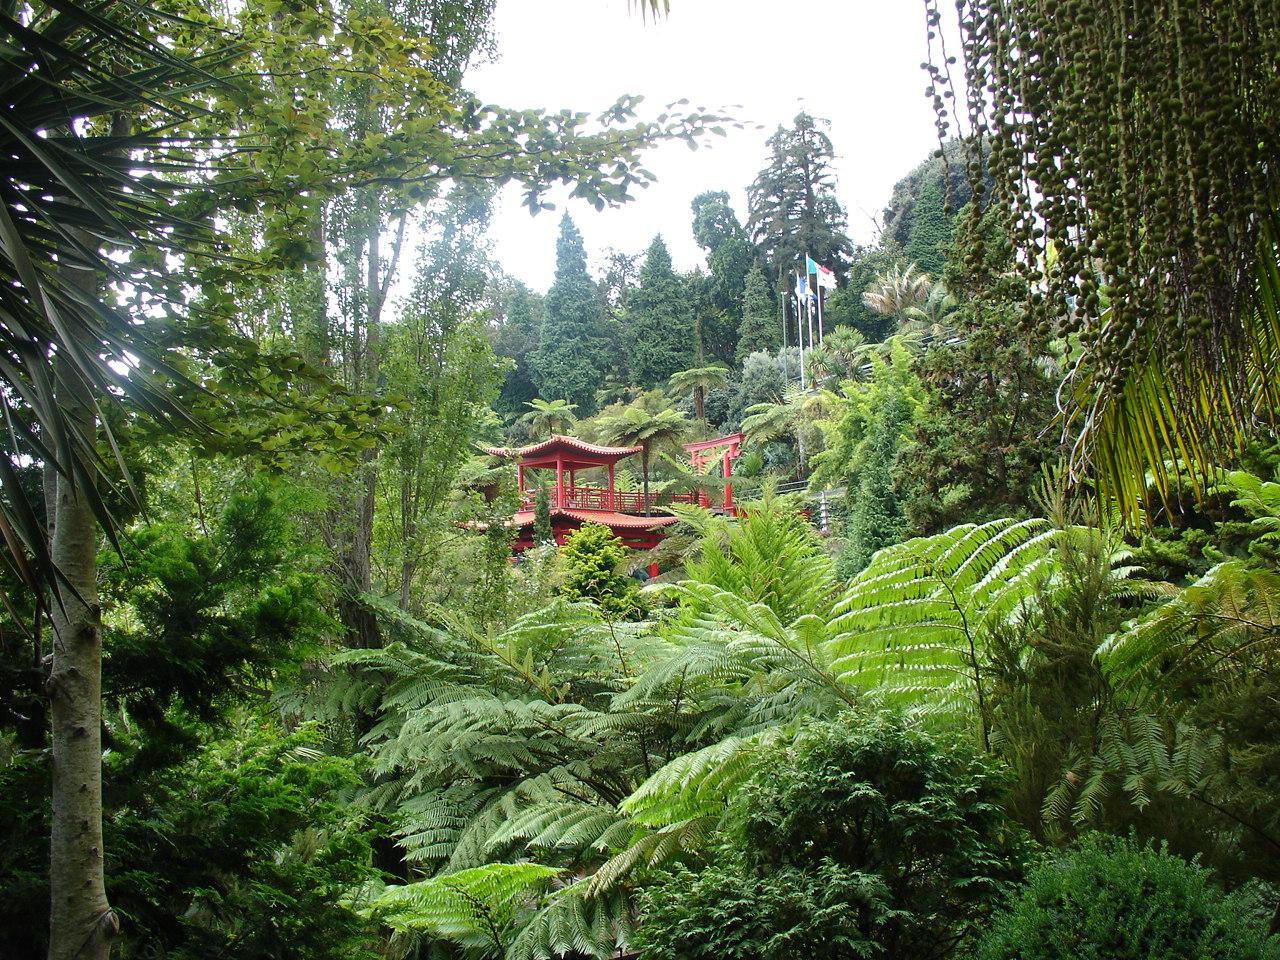 El guardi n del bosque jardines interiores y tropicales - Plantas tropicales para jardin ...